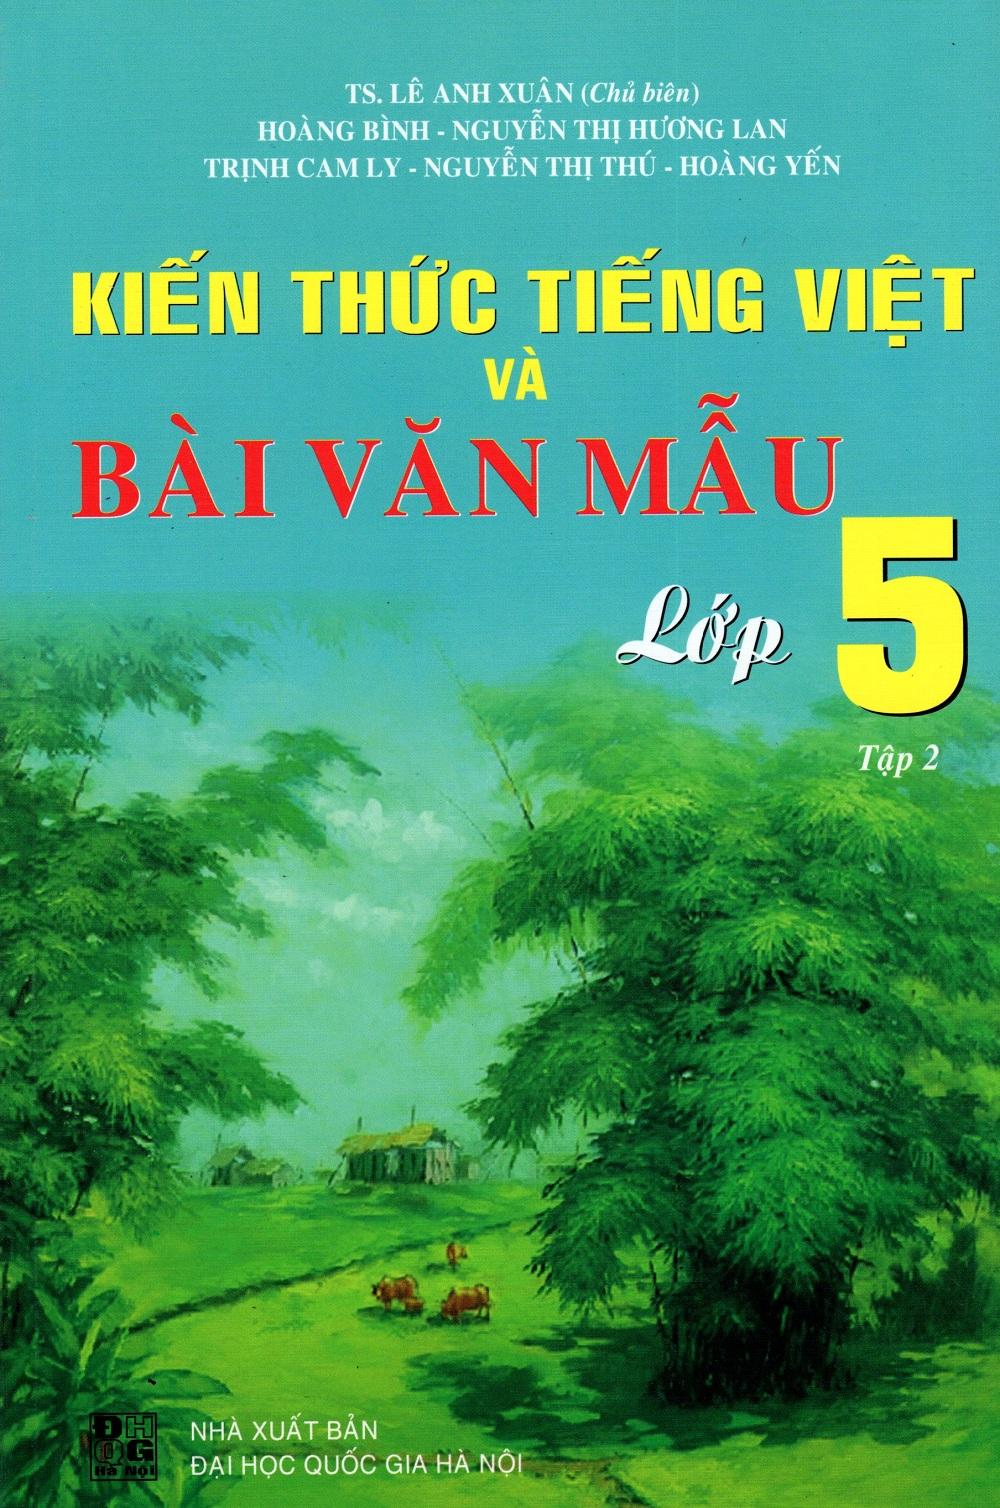 Bìa sách Kiến Thức Tiếng Việt Và Bài Văn Mẫu Lớp 5 (Tập 2)